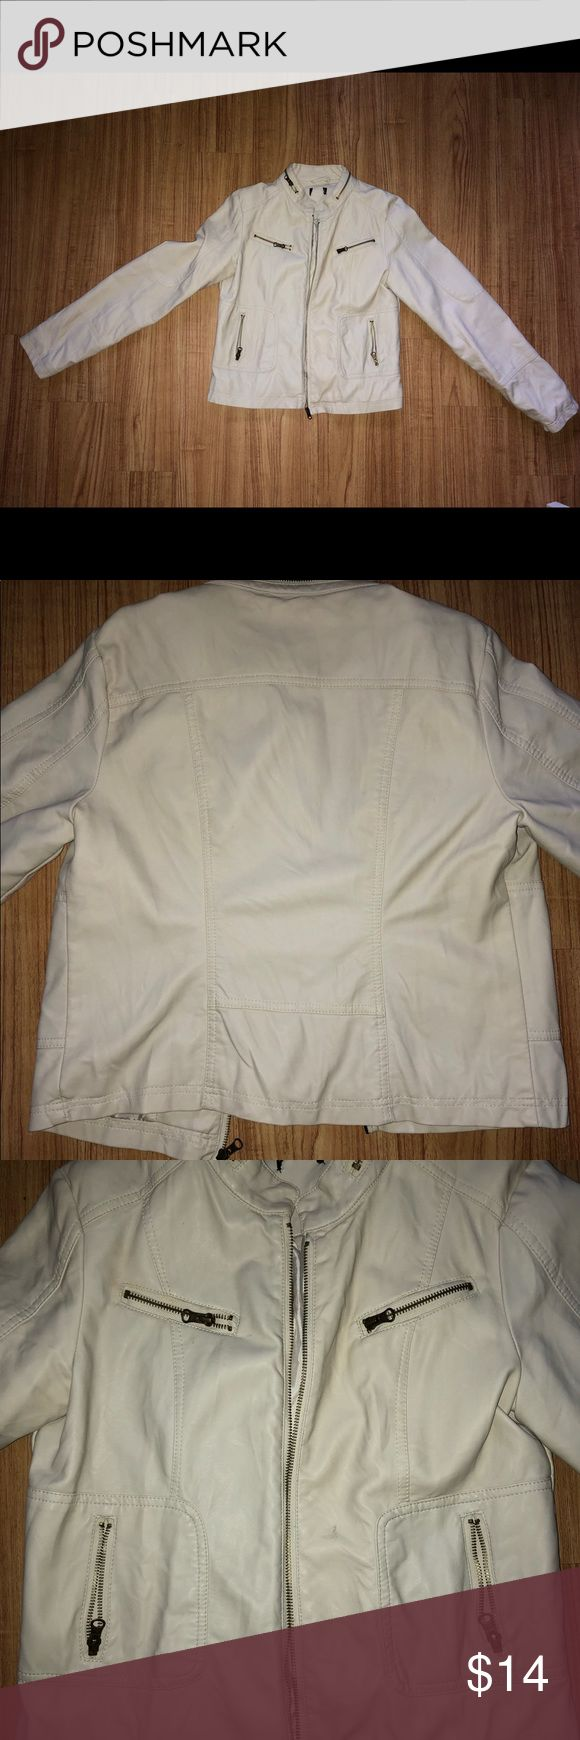 Faux leather jacket Faux leather jacket. Size medium